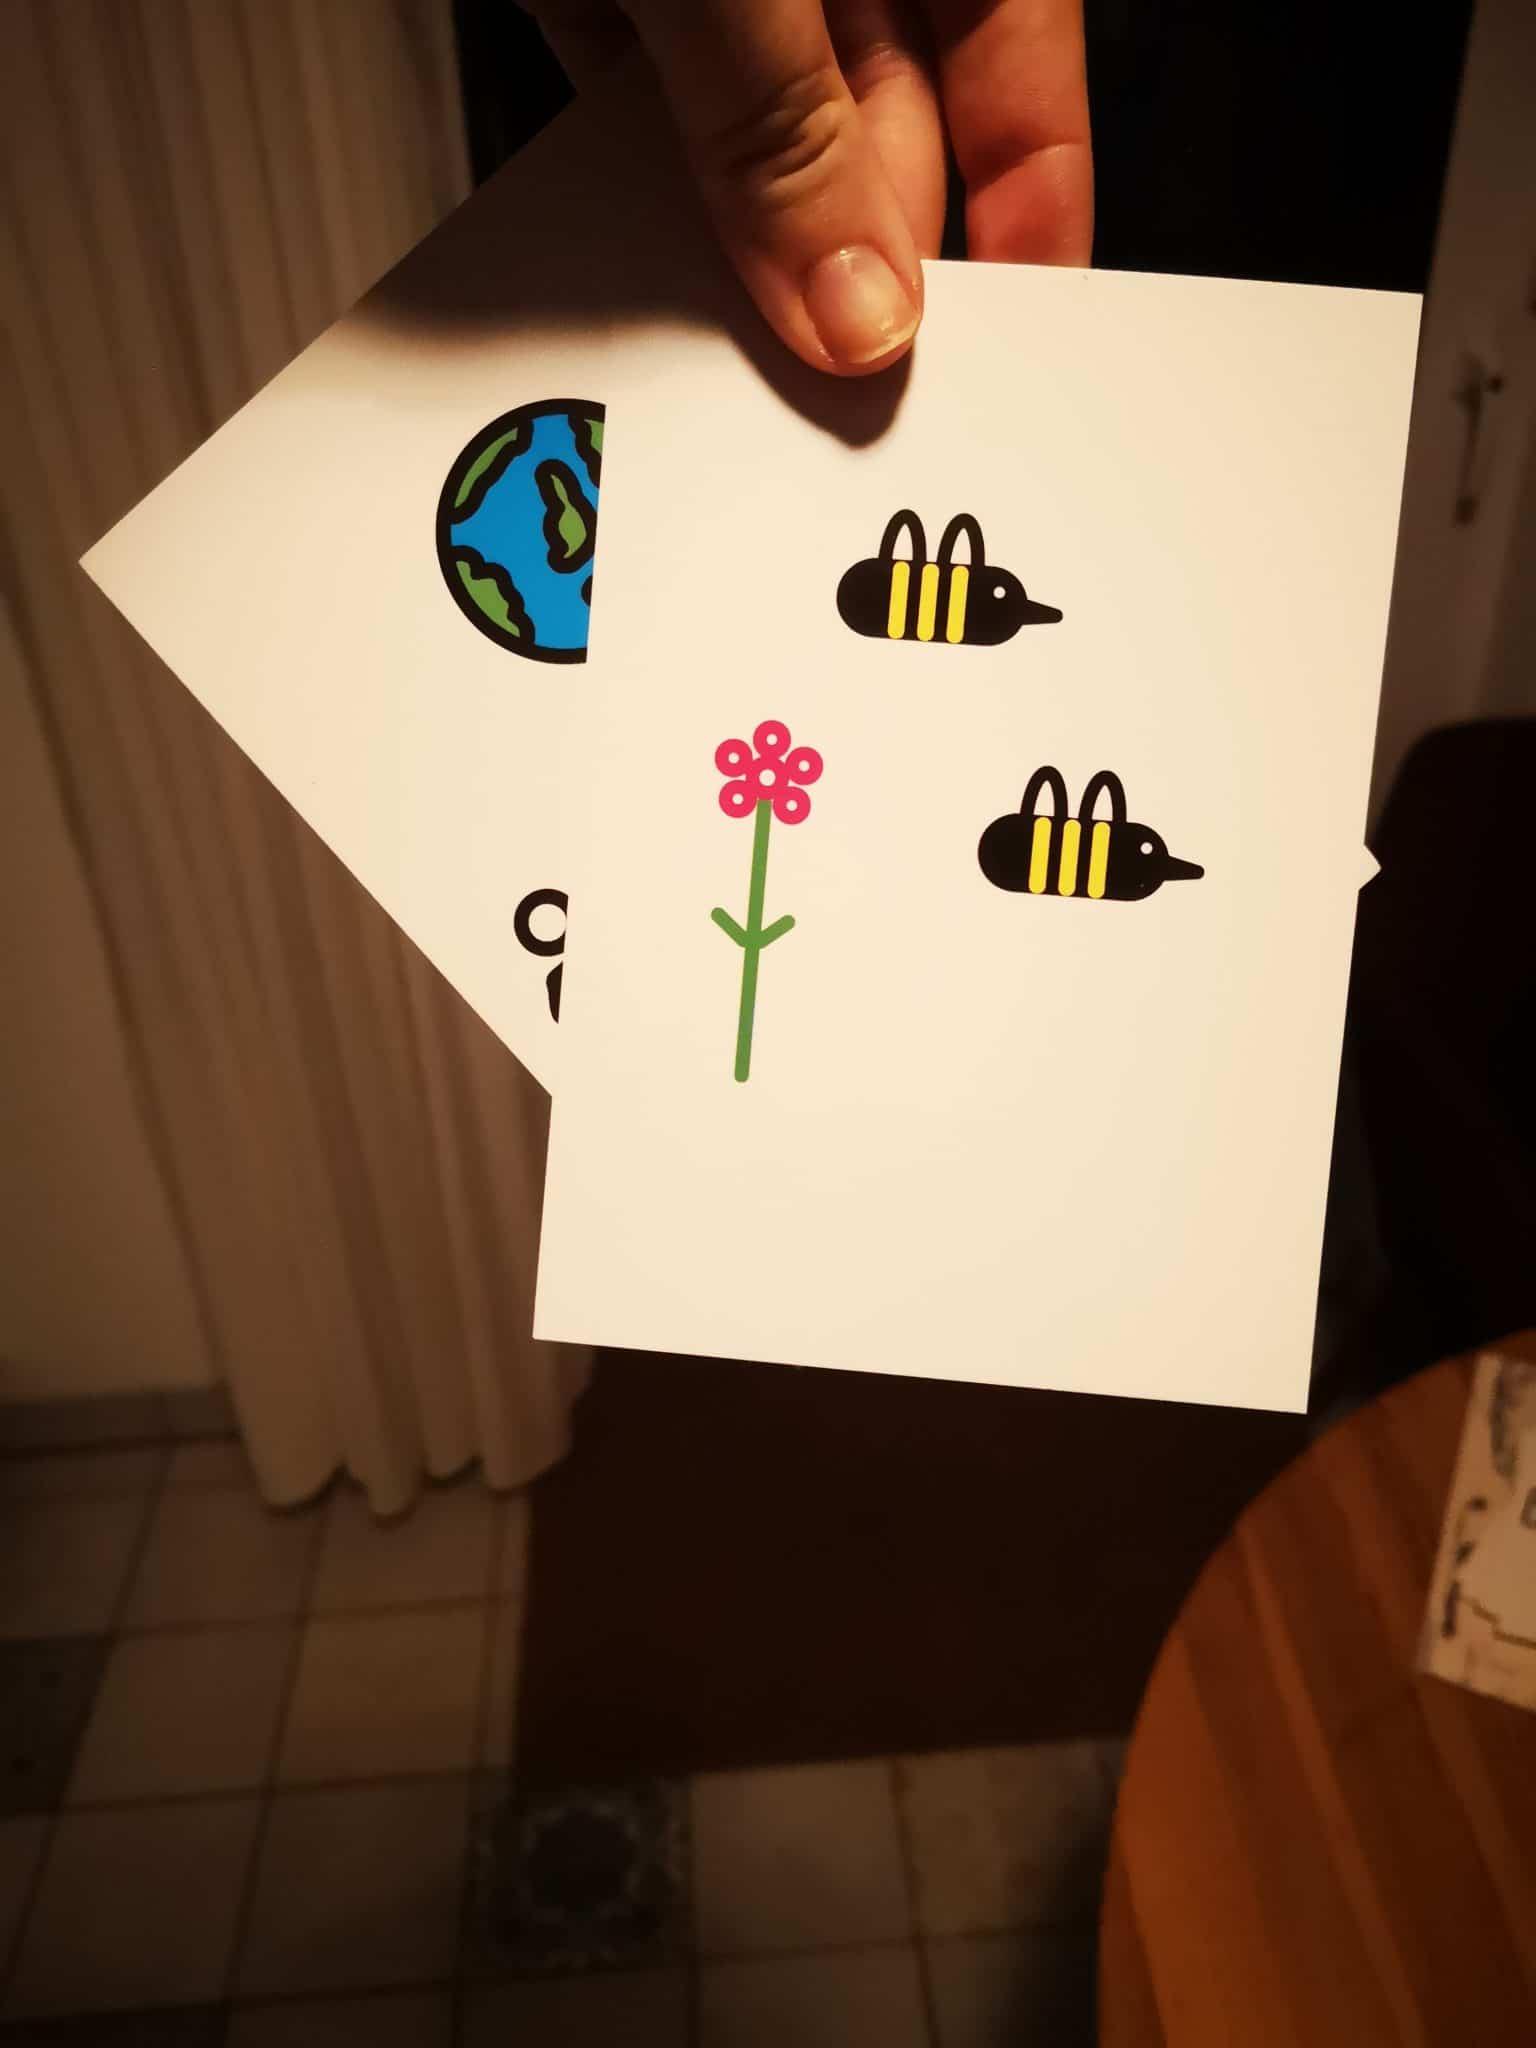 #9 Schnell noch zwei Postkarten schreiben an Menschen die ich mag.